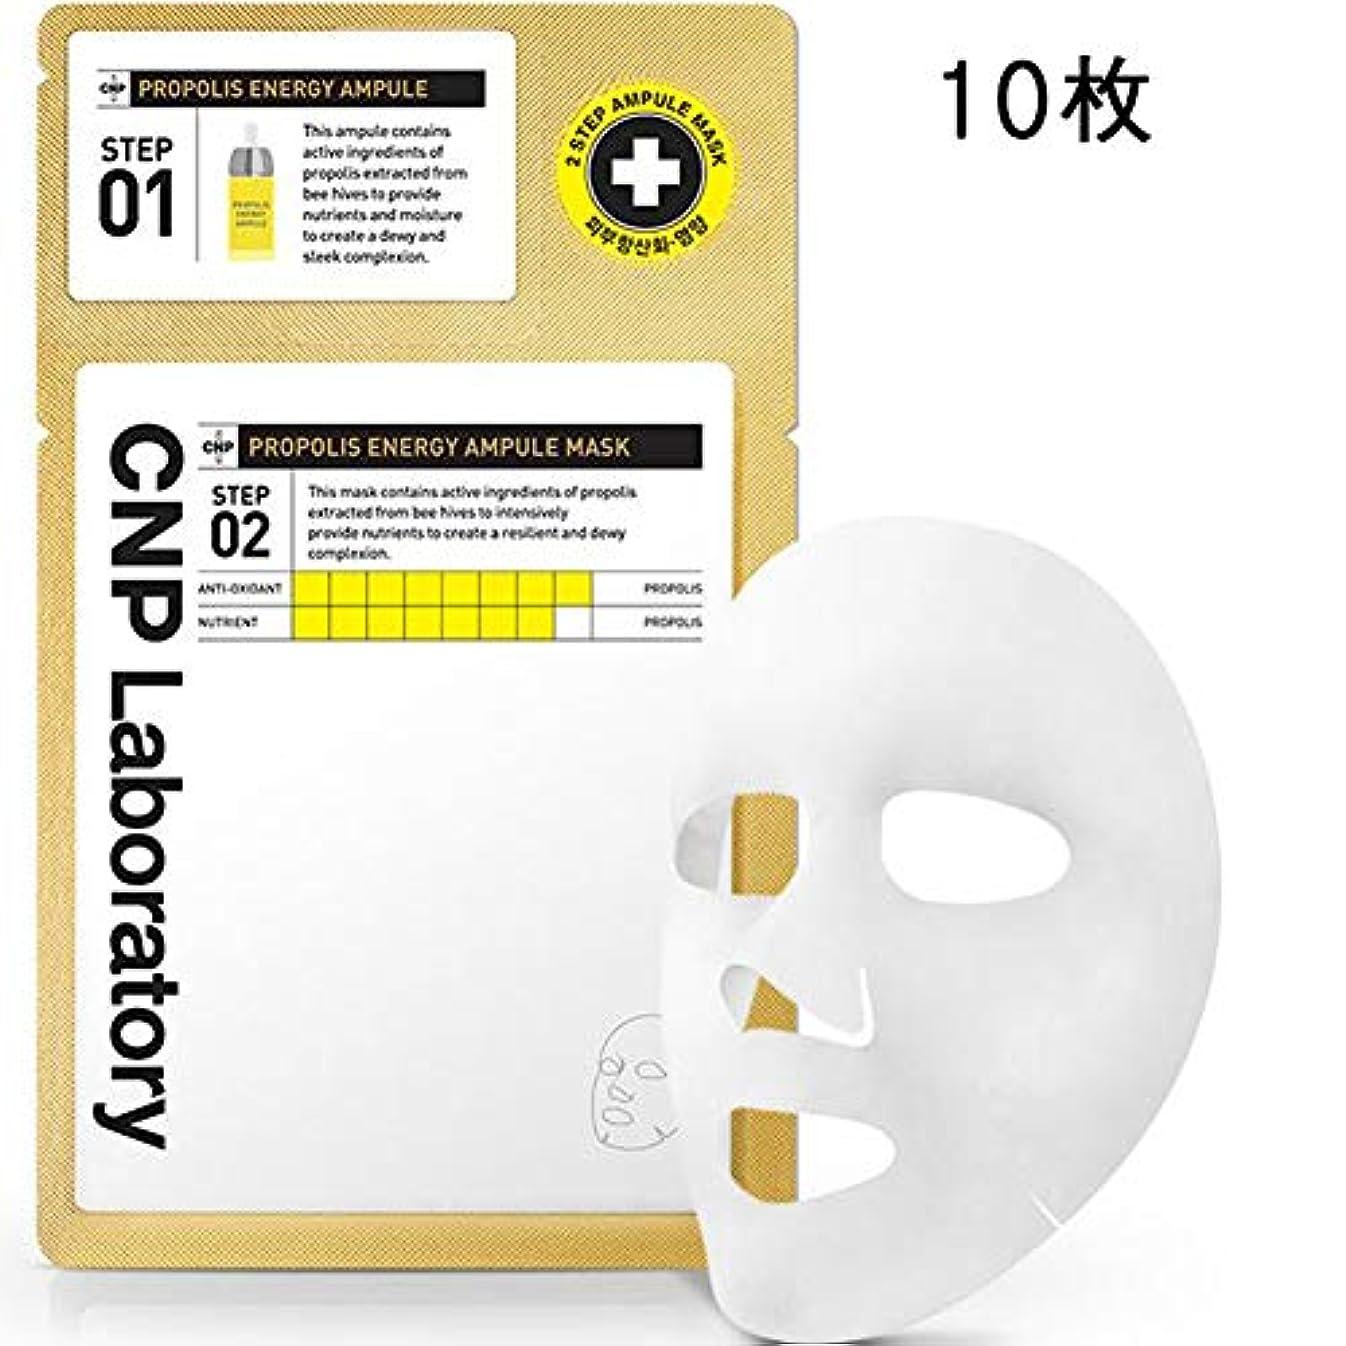 明らか注入する模索[CNP]チャ&パクプロポリスエネルギーアンプルマスクパック10枚 (1step 1.5ml + 2step 30ml)[海外直送品][並行輸入品]